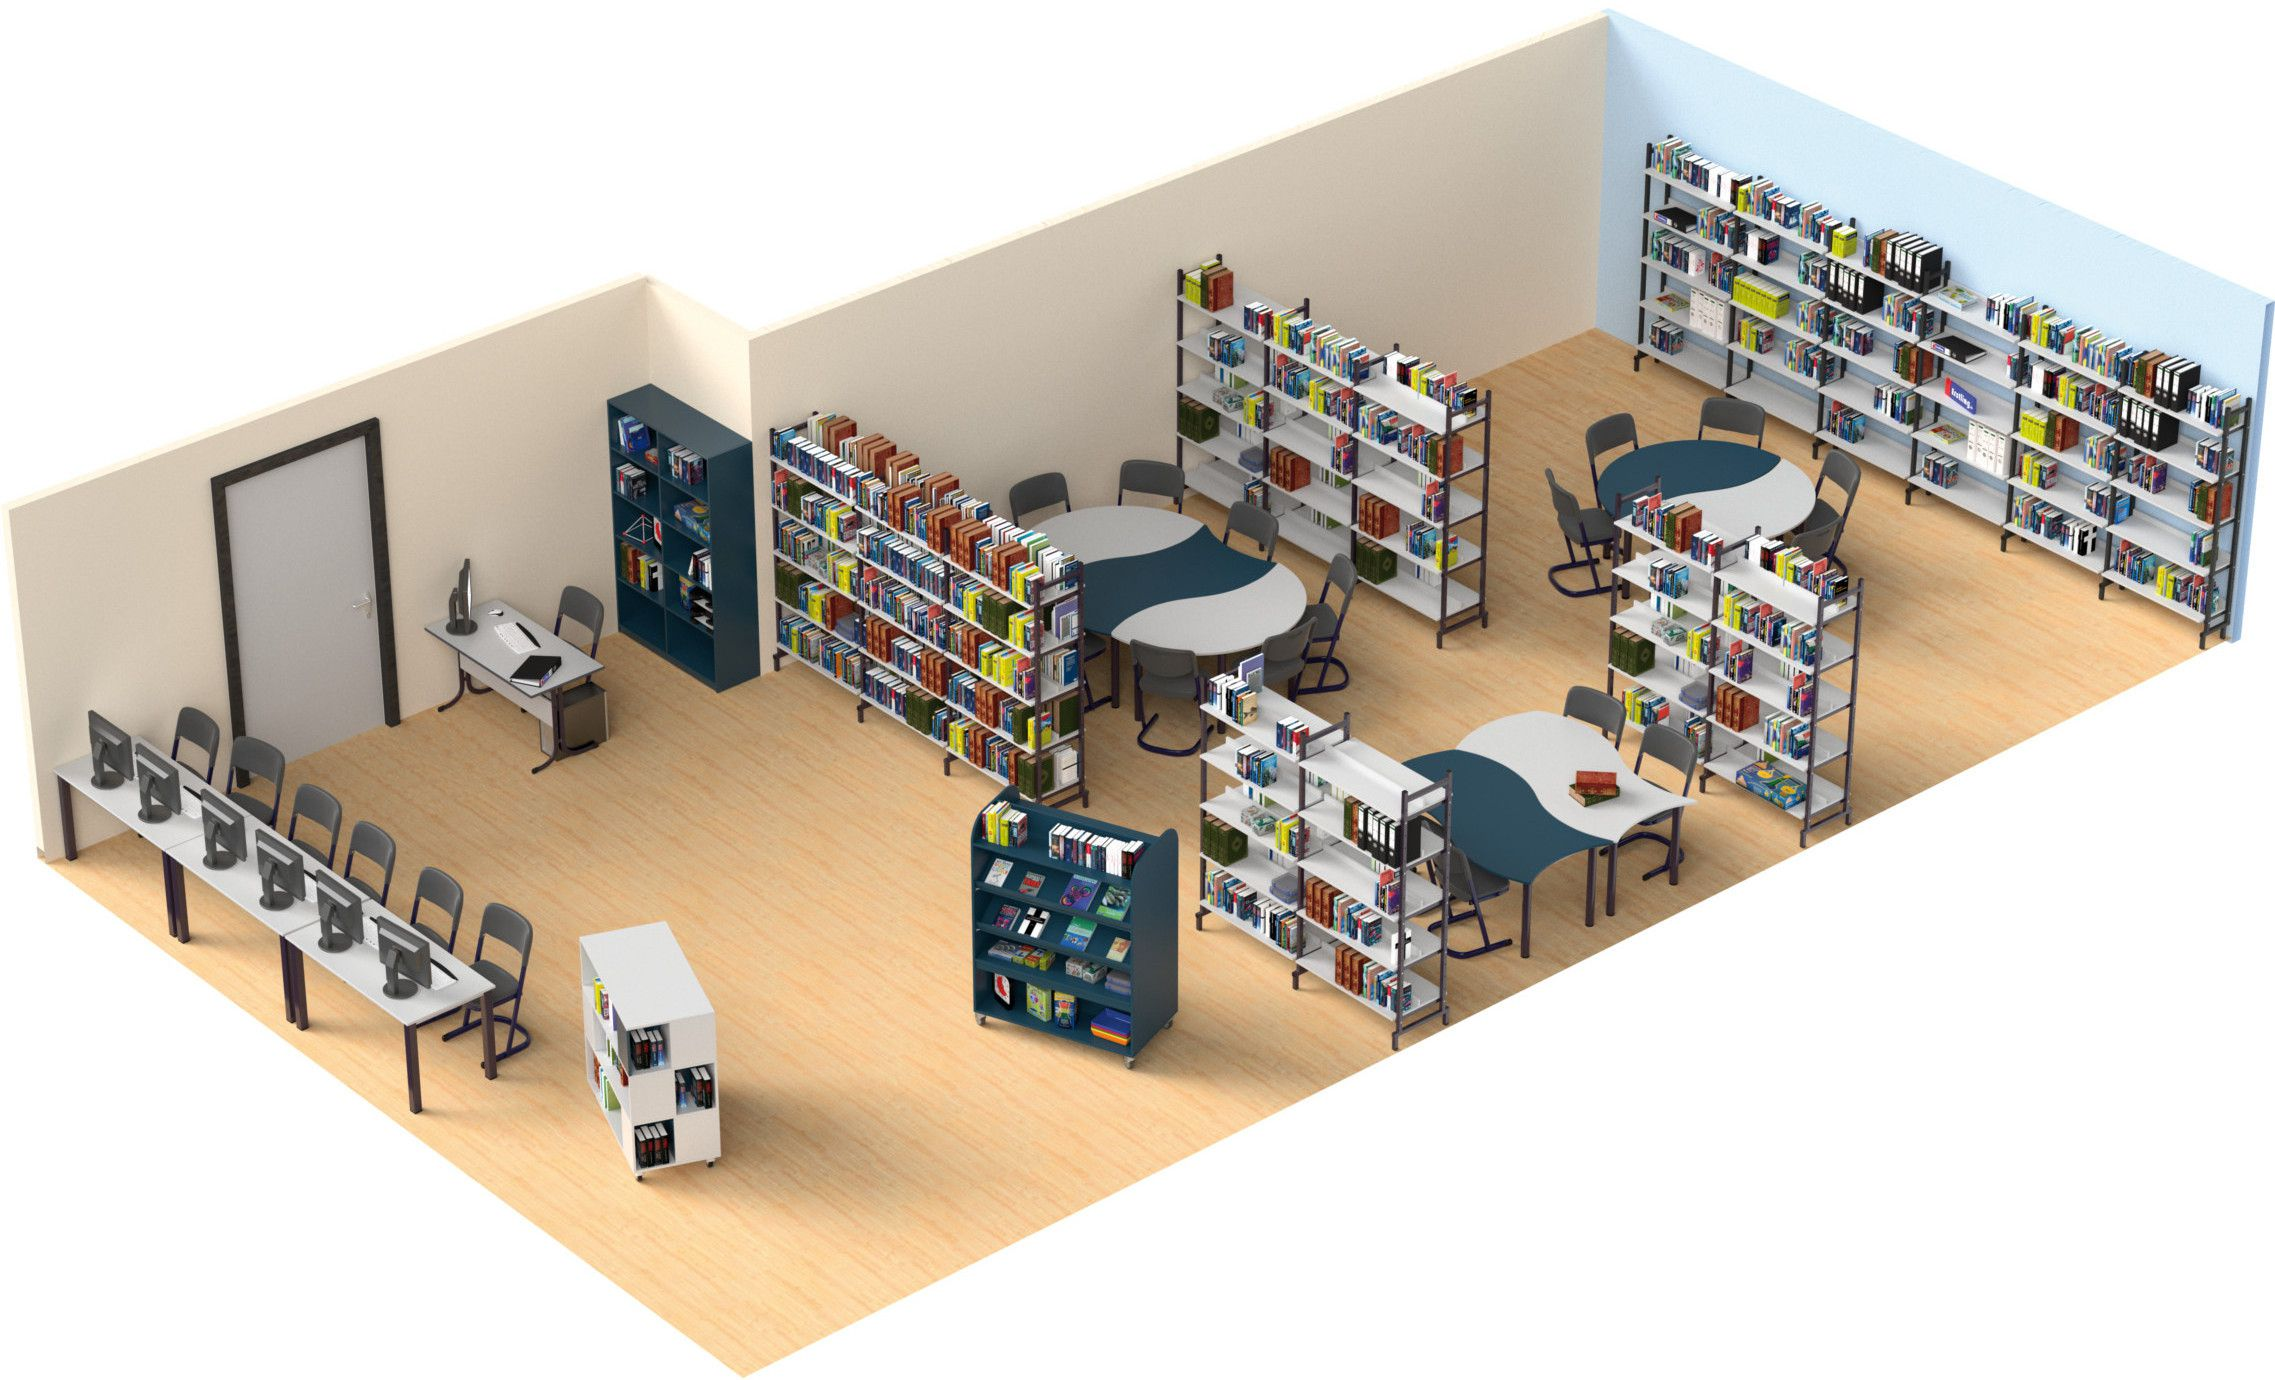 Raumplanung einer Schulbibliothek